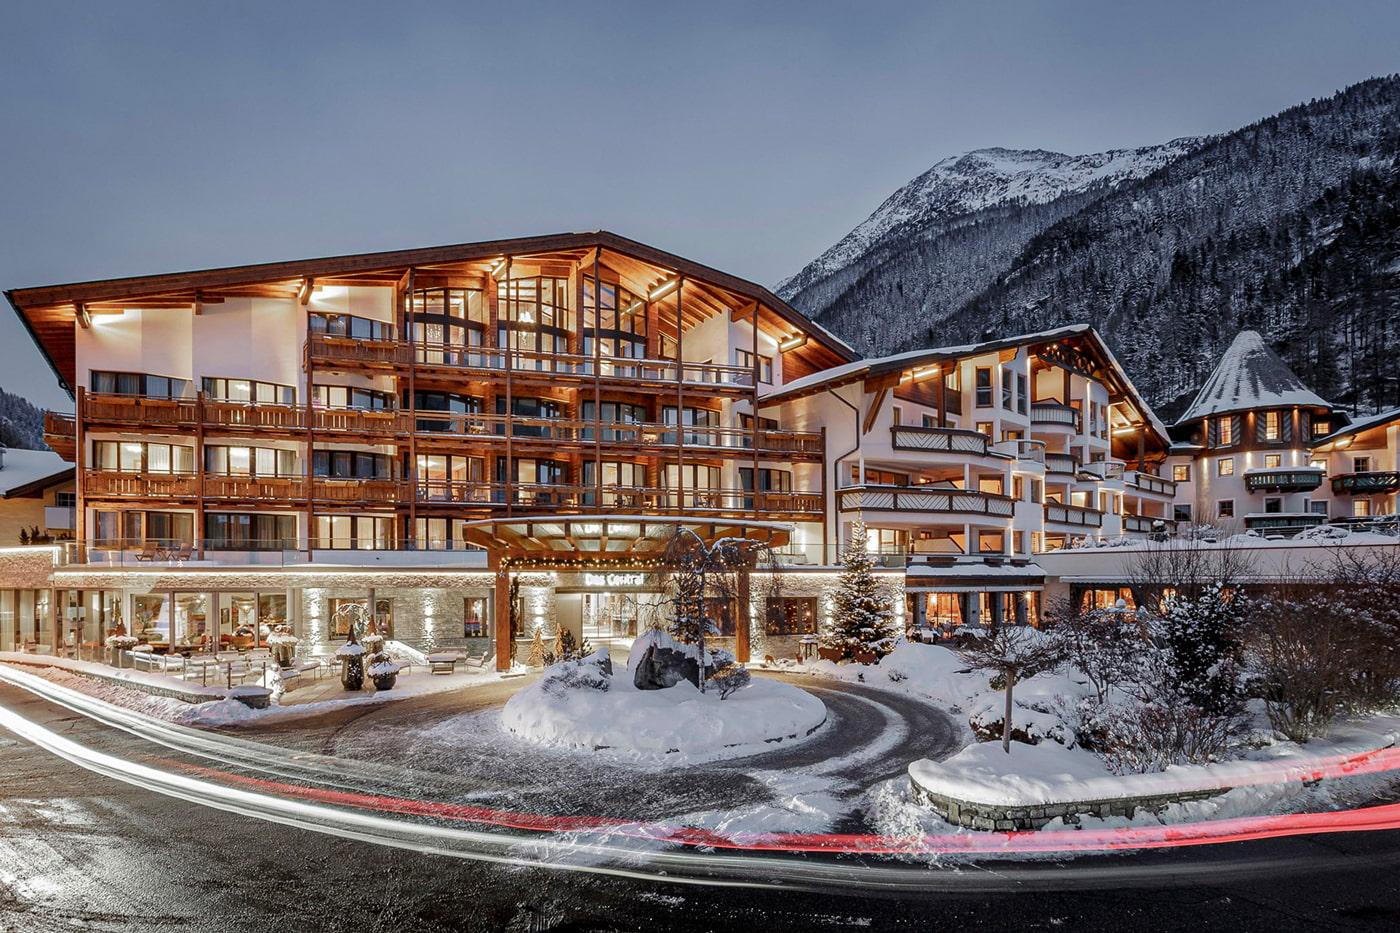 5-star Alpine resort